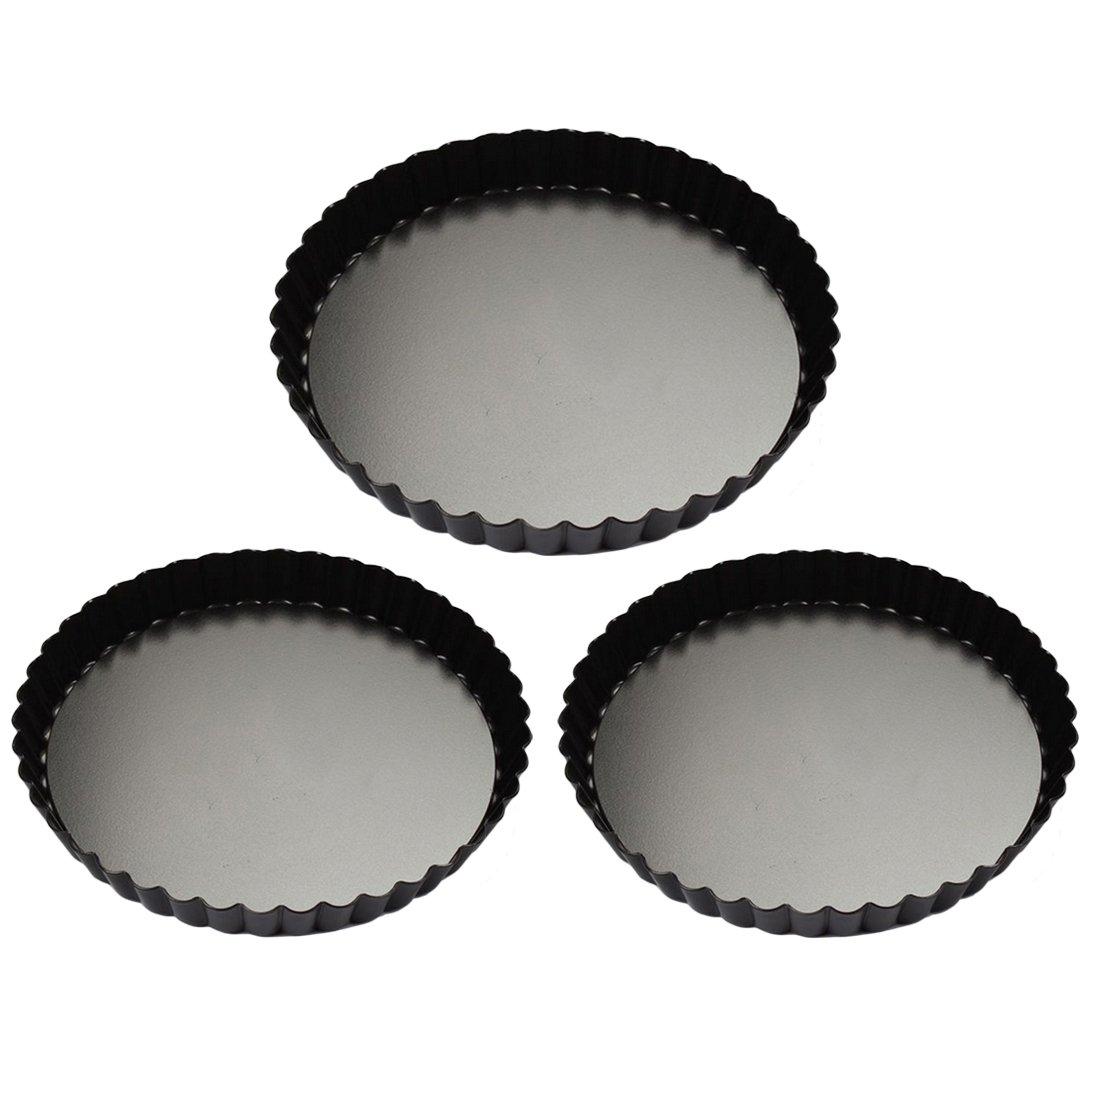 Quiche Pans, Yamix 3Pcs Set Non-stick Quiche Tart Pan, Tart Pie Pan, Round Tart Quiche Pan With Removable Bottom(7.9'',9.4'',11'')